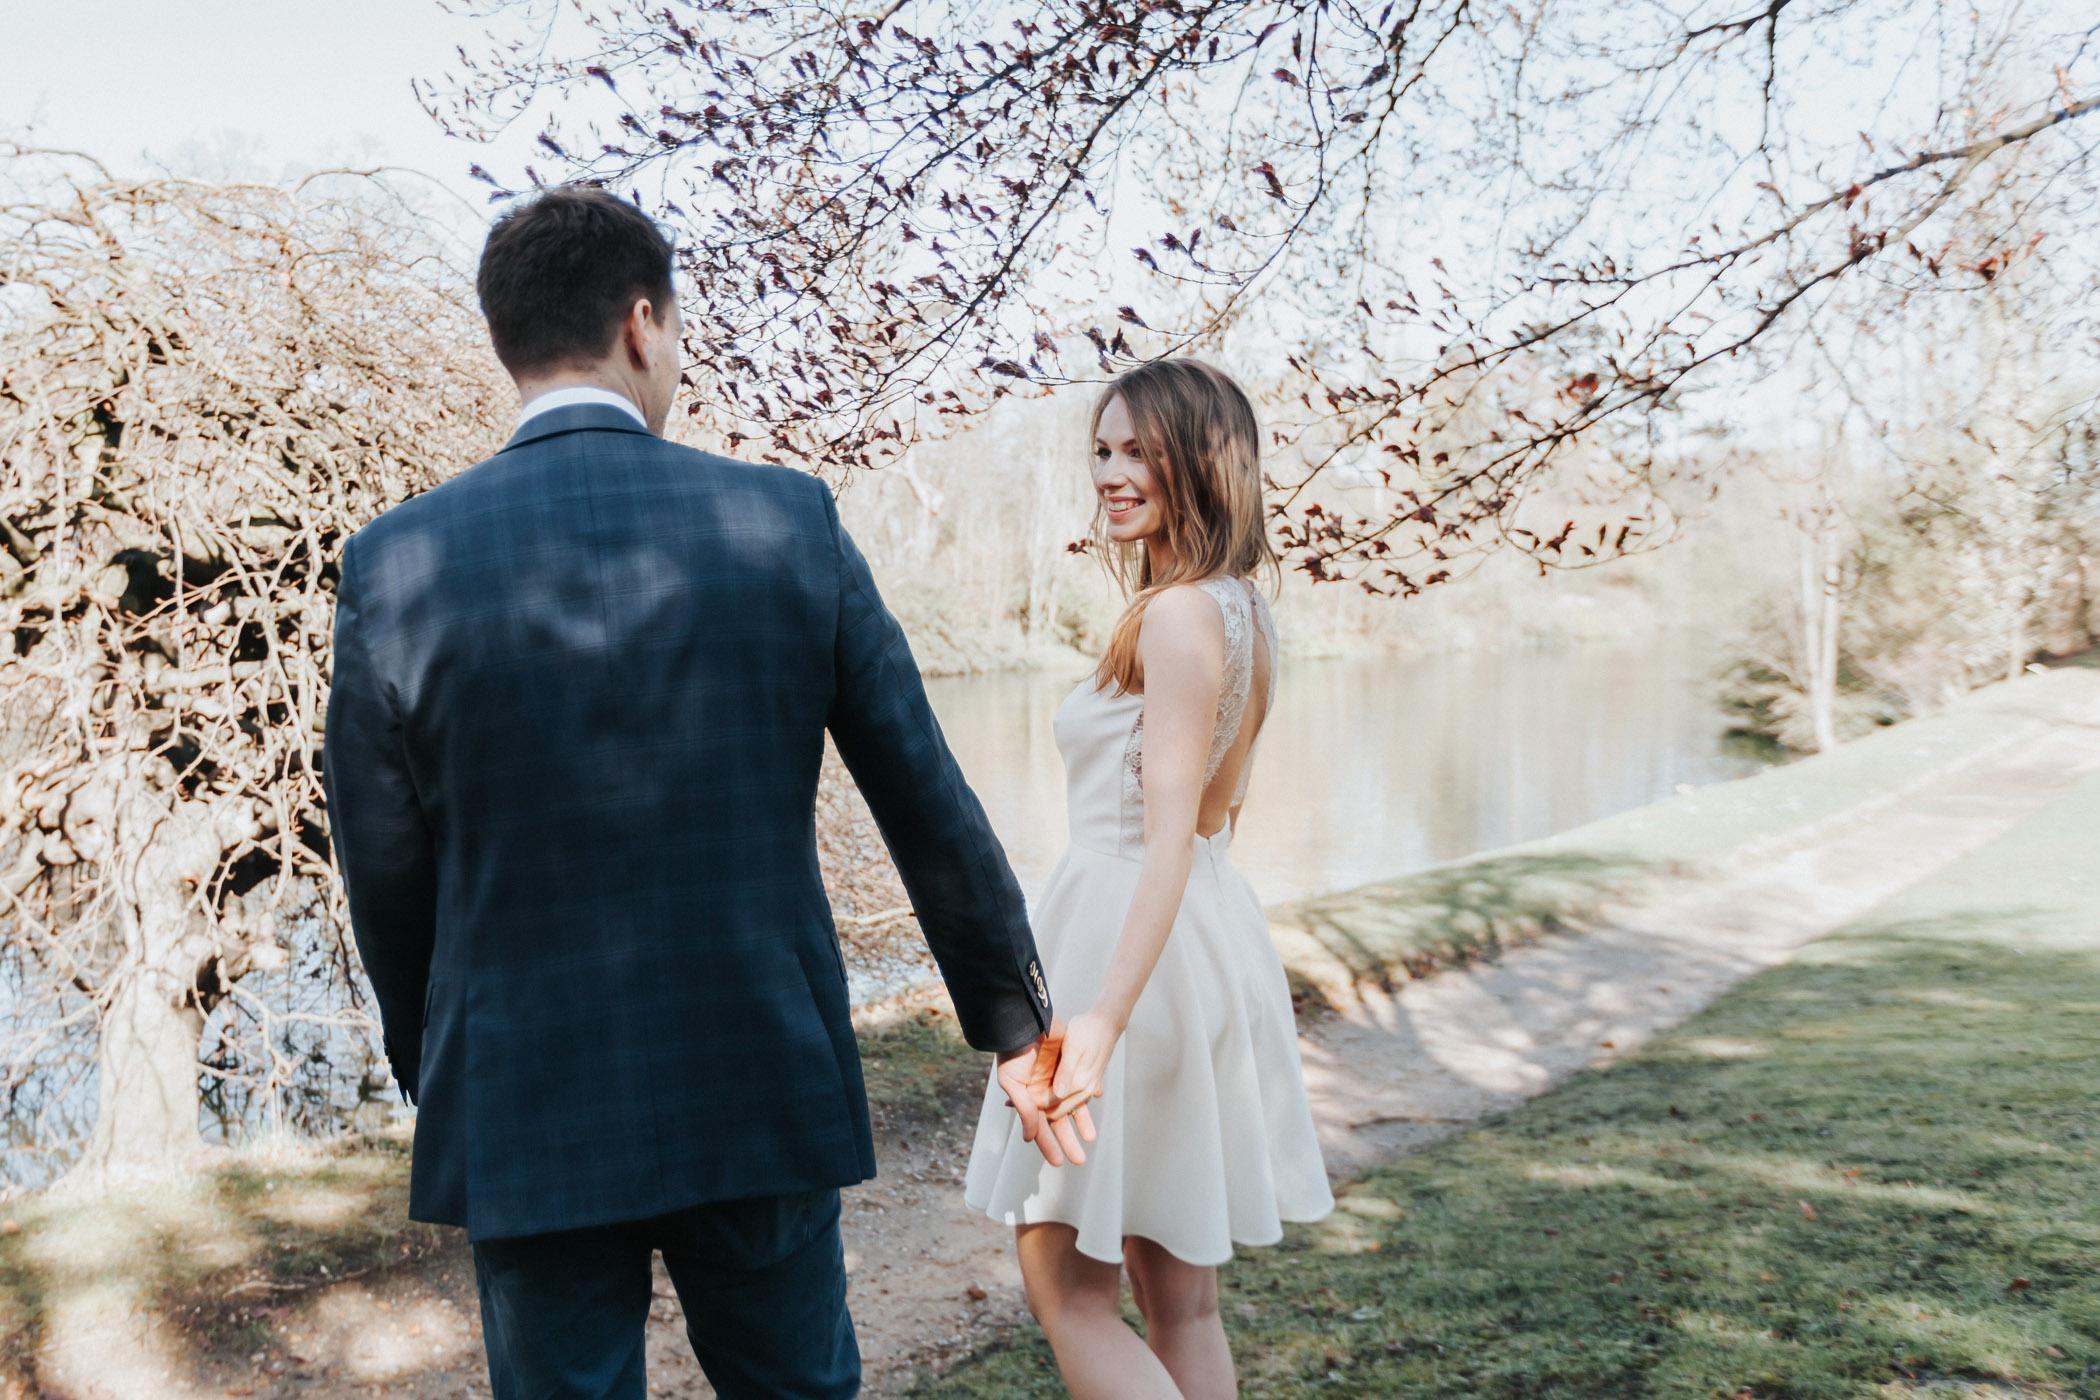 shooting-dinspiration-un-mariage-au-printemps-blog-la-mariee-sous-les-etoiles-credit-the-flying-poodle-7